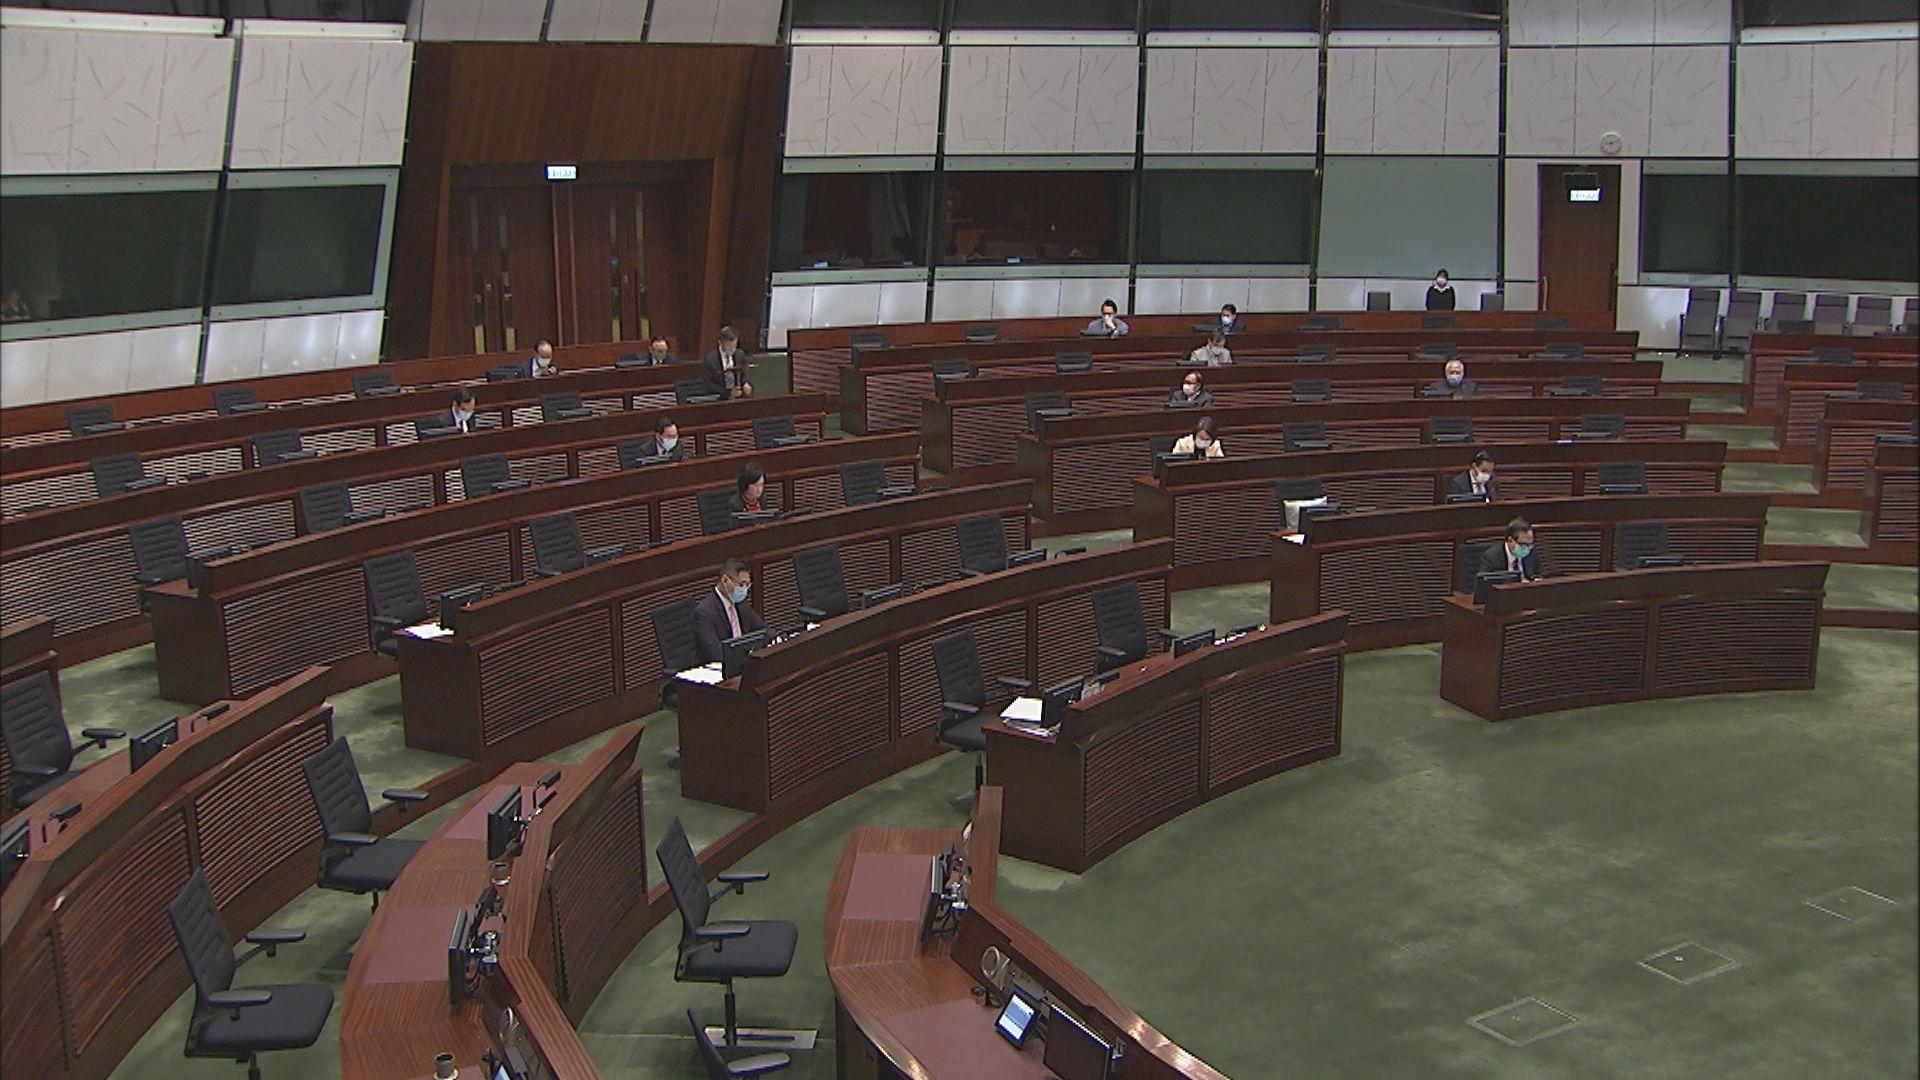 立法會修改議事規則 行爲不檢議員或被暫停職務